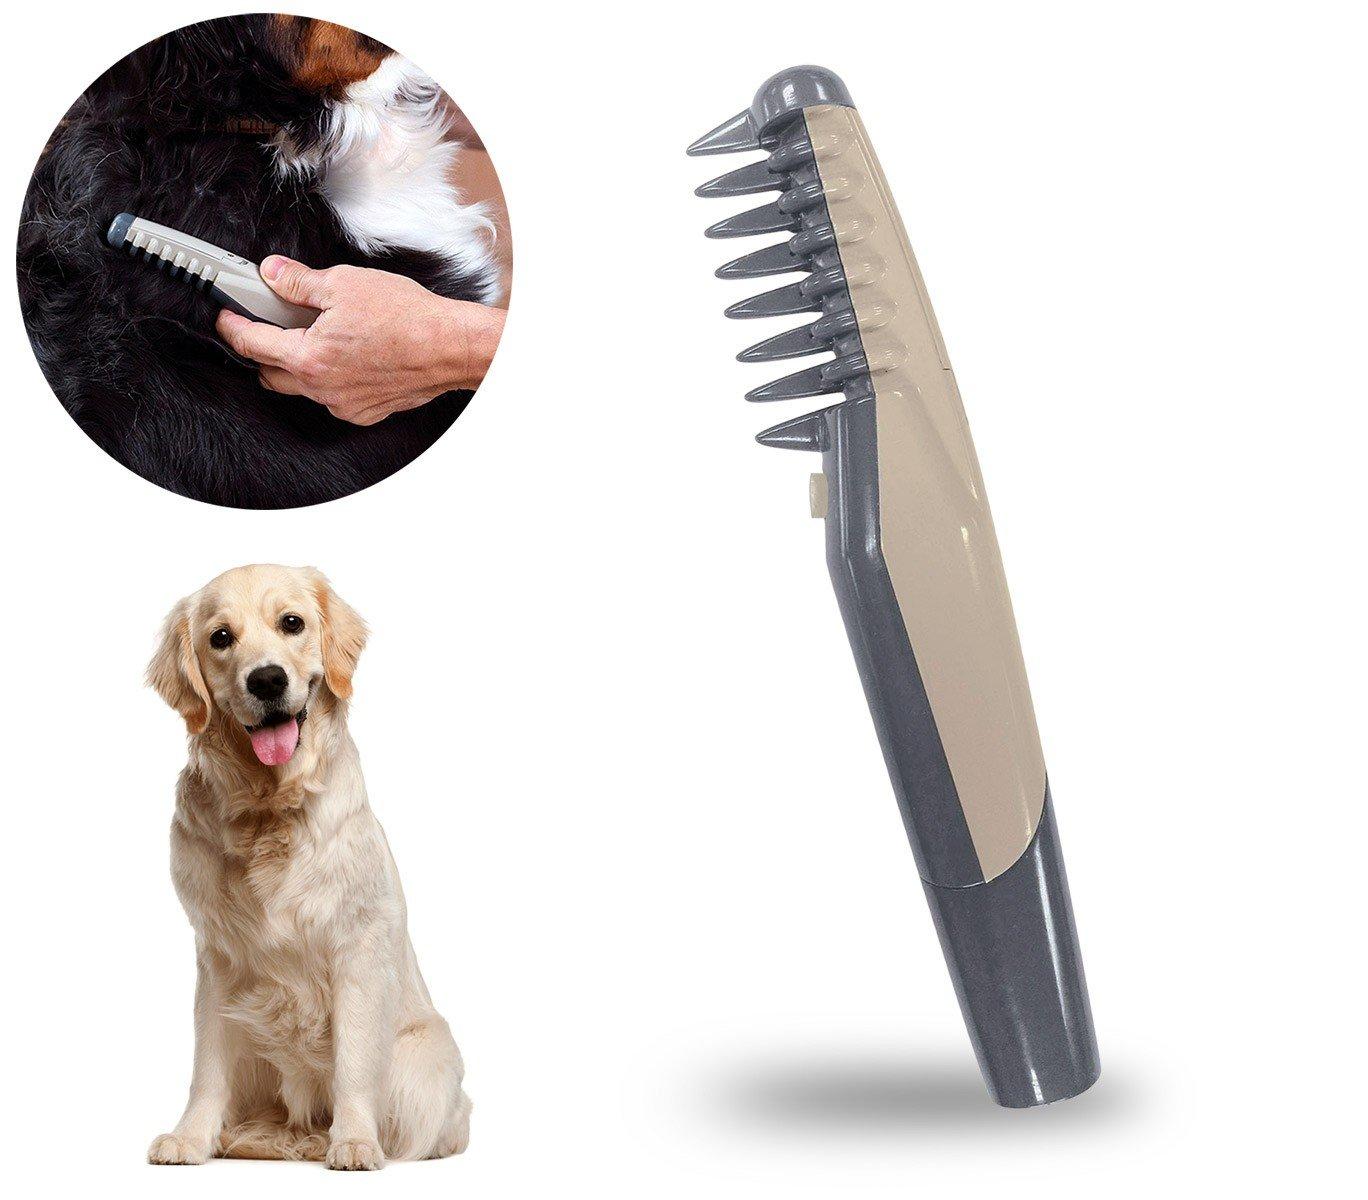 045763 Peigne électrique taille et démêle les noeuds pour chats et chiens MEDIA WAVE store ®